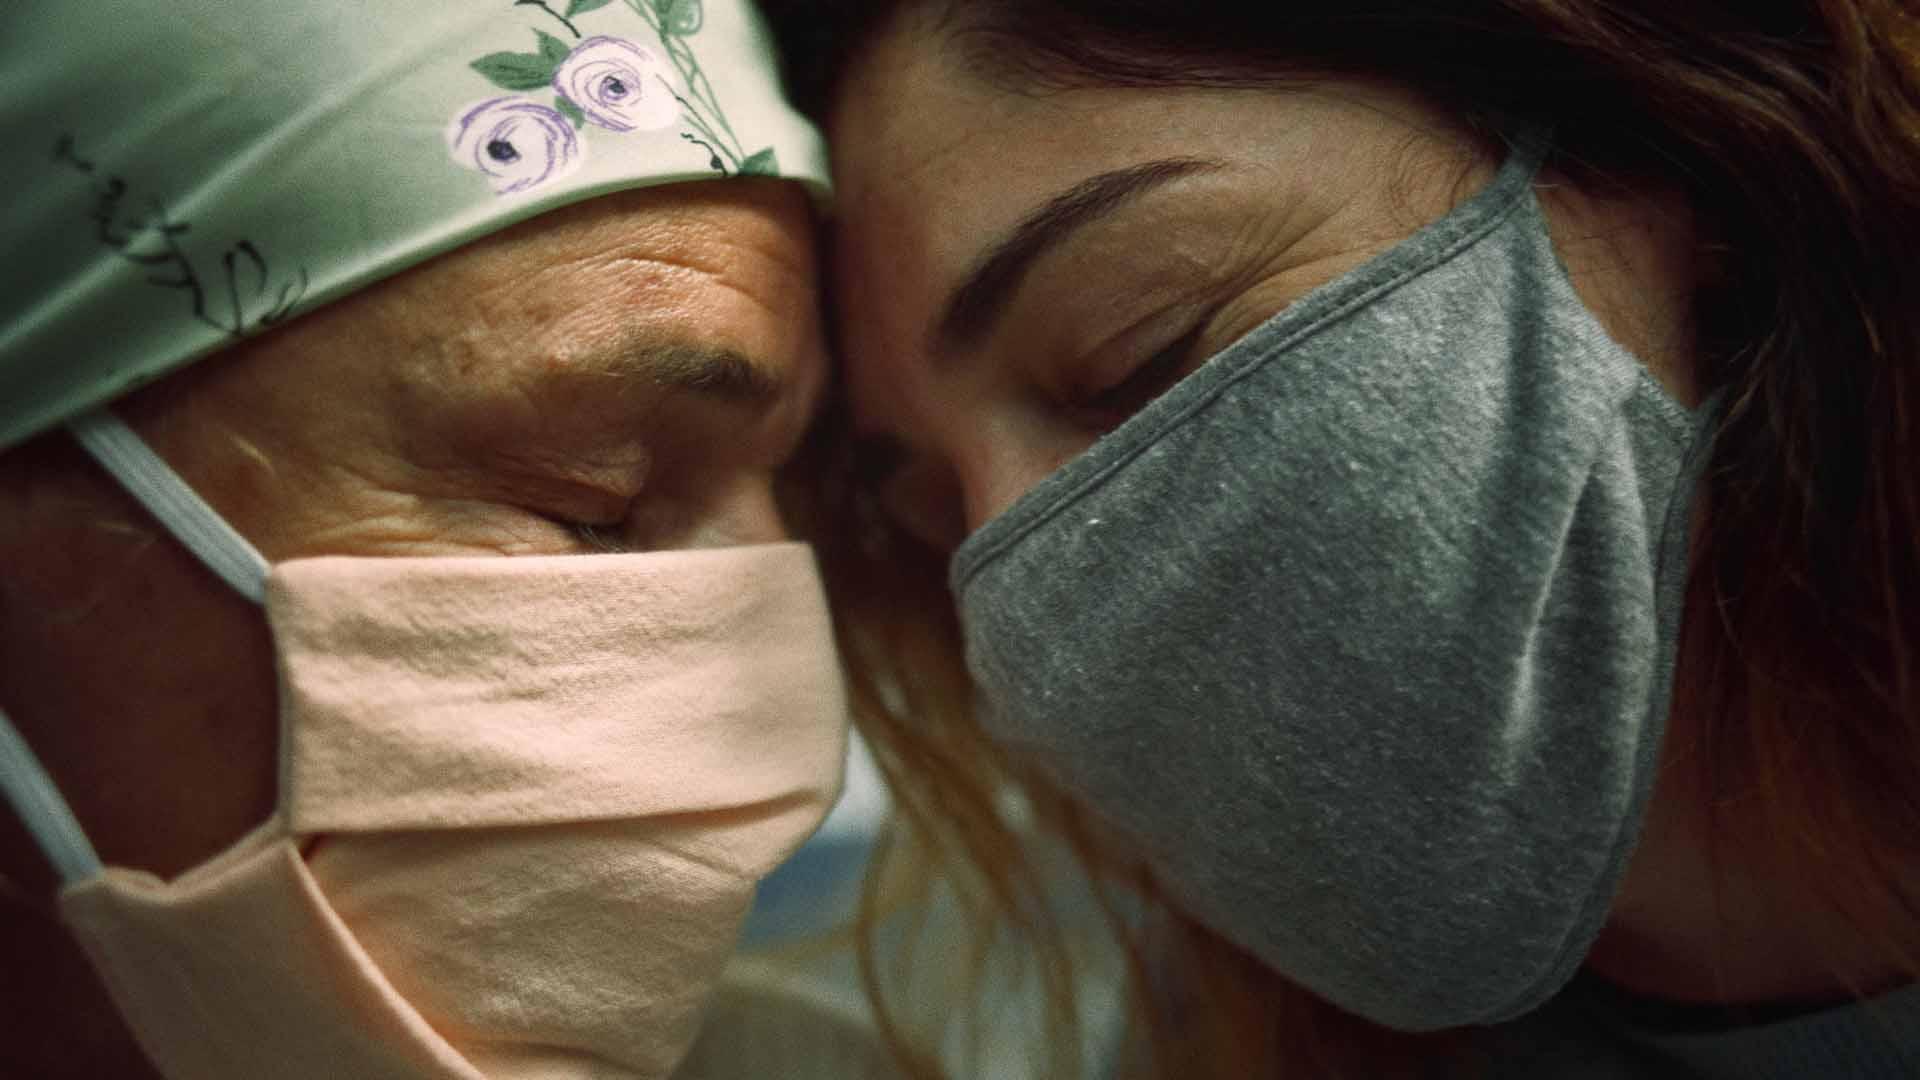 Cáncer de mama metastásico: una droga alcanzó sobrevida récord